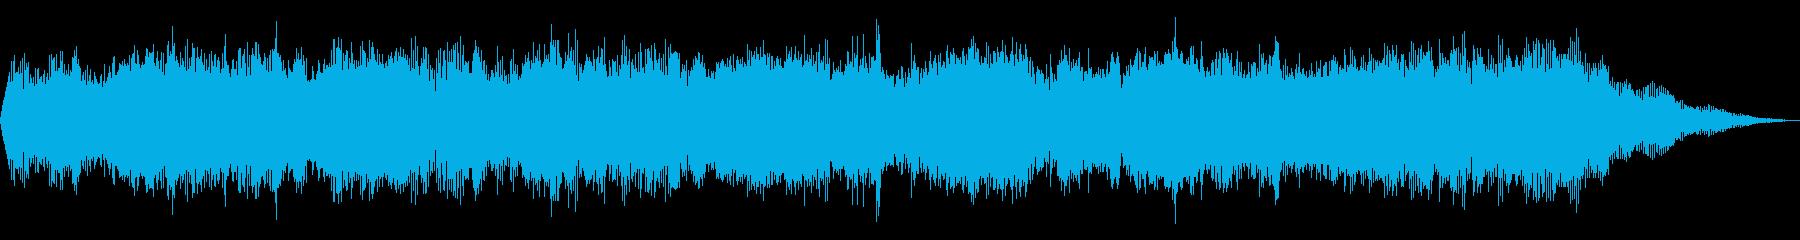 心地よいクワイア系ジングル Ver.05の再生済みの波形